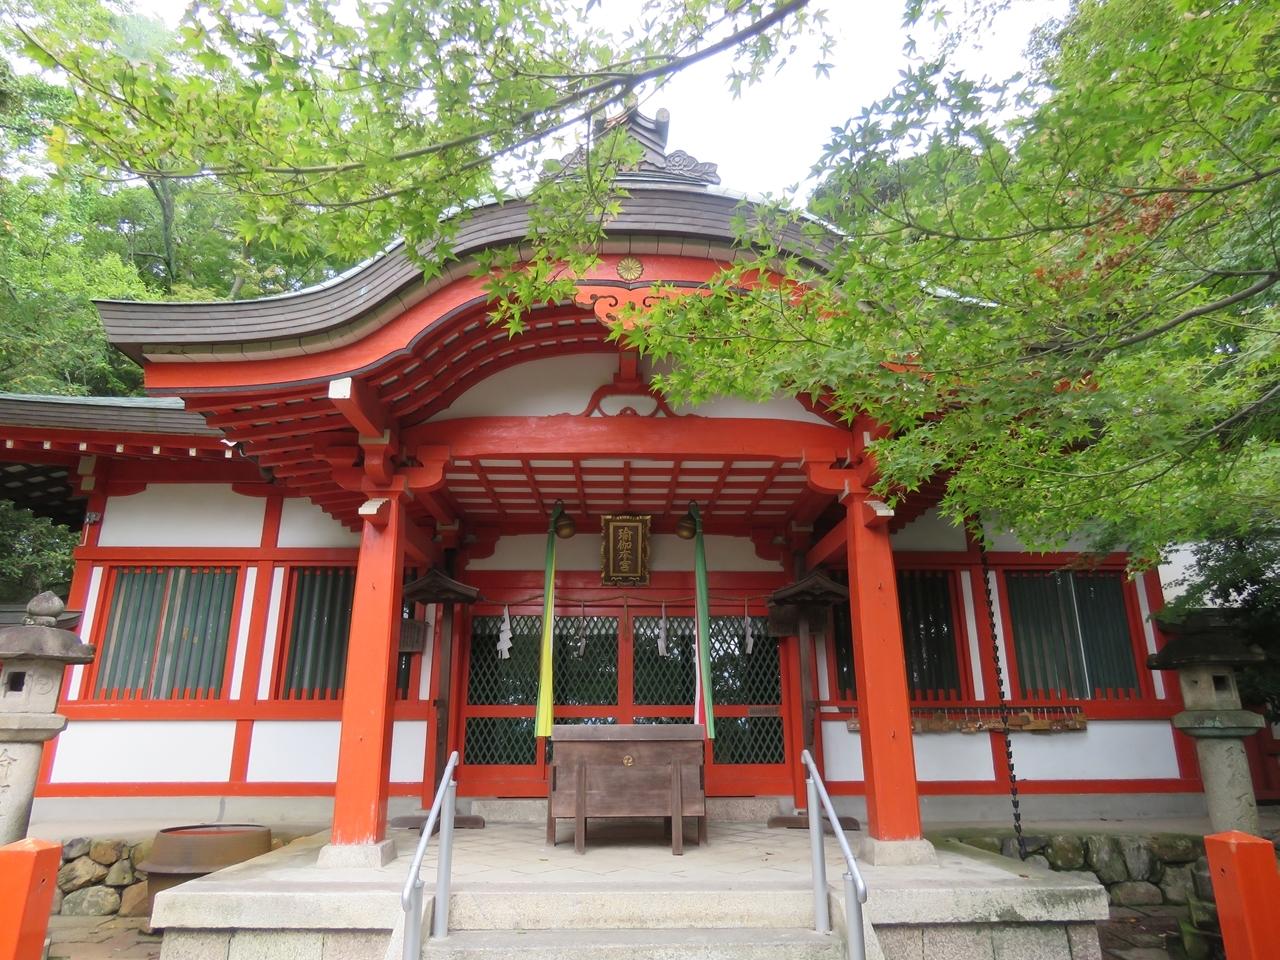 s-瑜伽神社 ならまち191020